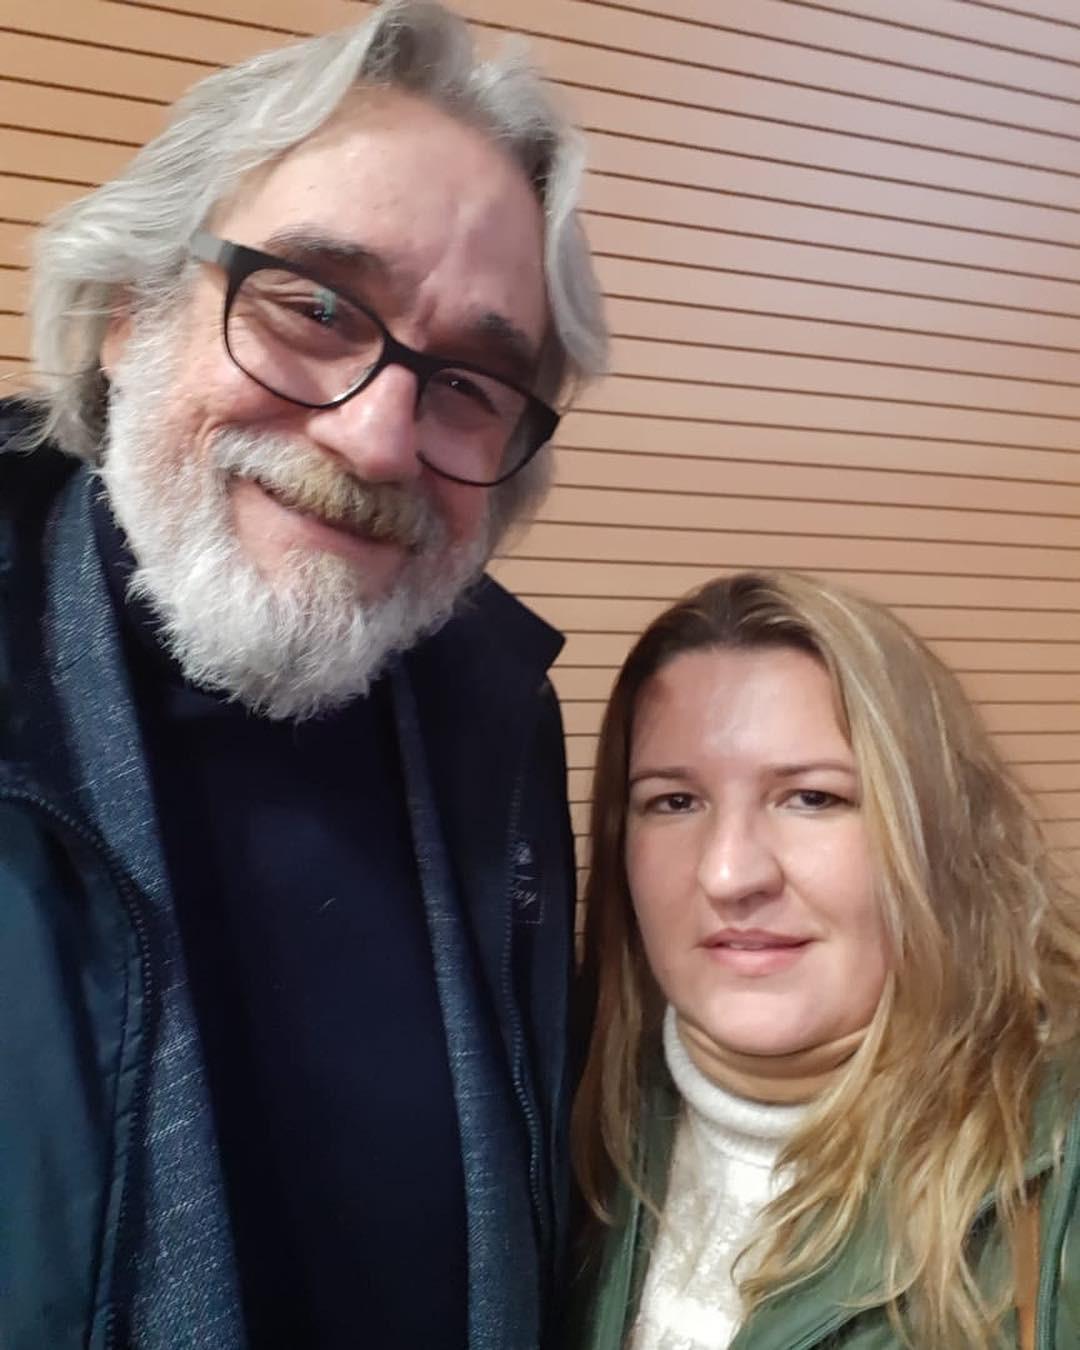 Dr. Michelle de Lucca realizou o primeiro transplante de pele do mundo. Junia foi atrás dele na Itália, sem ao menos saber se conseguiria falar com o especialista. E deu certo! (Foto: Reprodução Instagram)